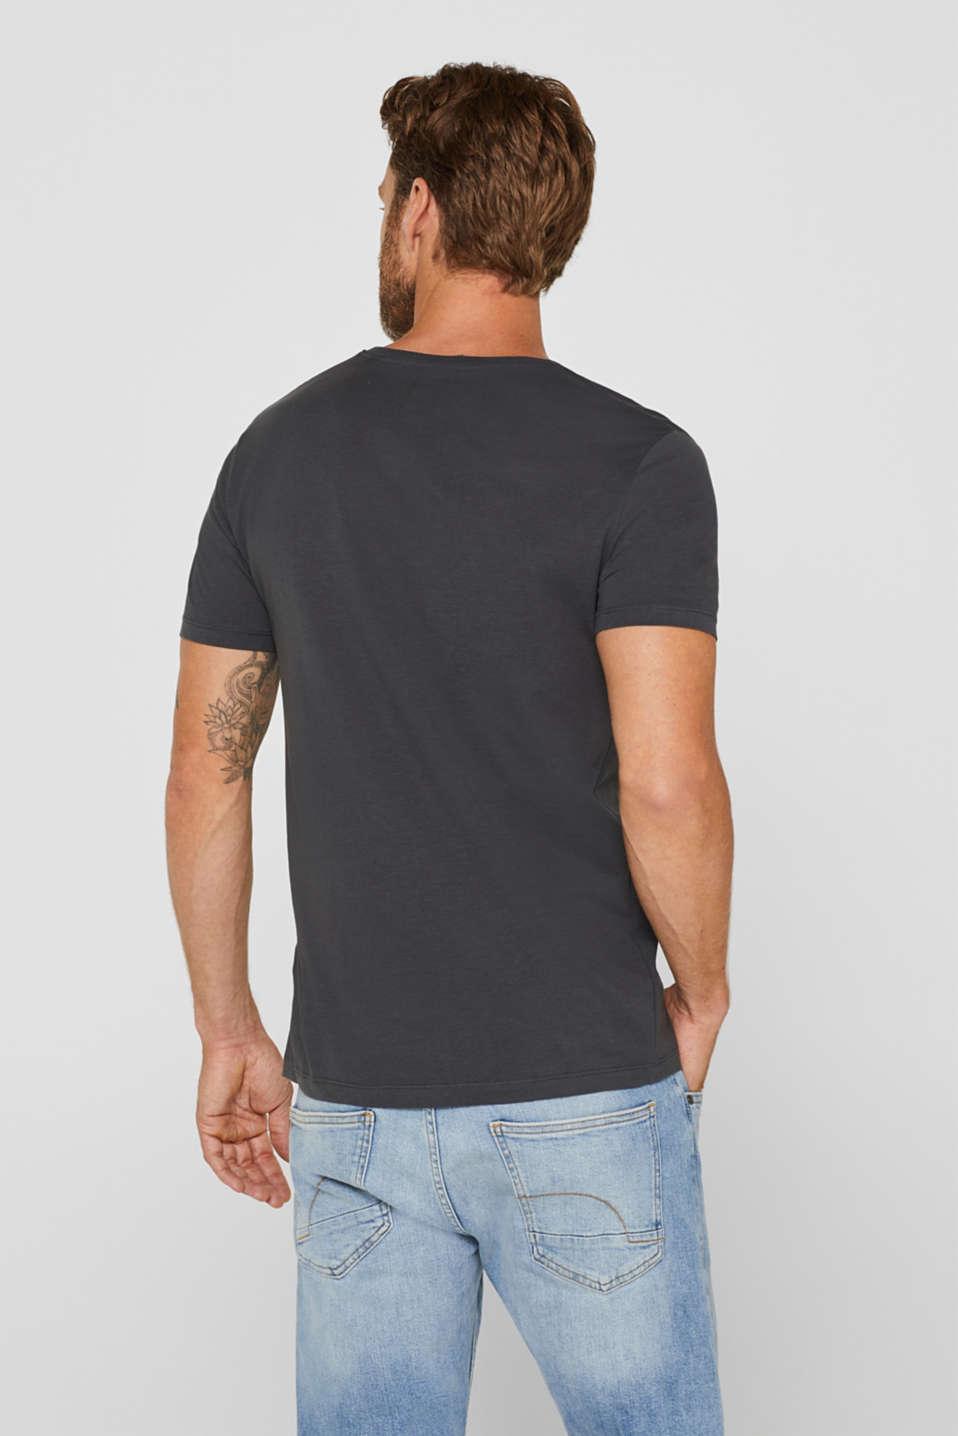 Jersey shirt made of organic cotton, DARK GREY, detail image number 3